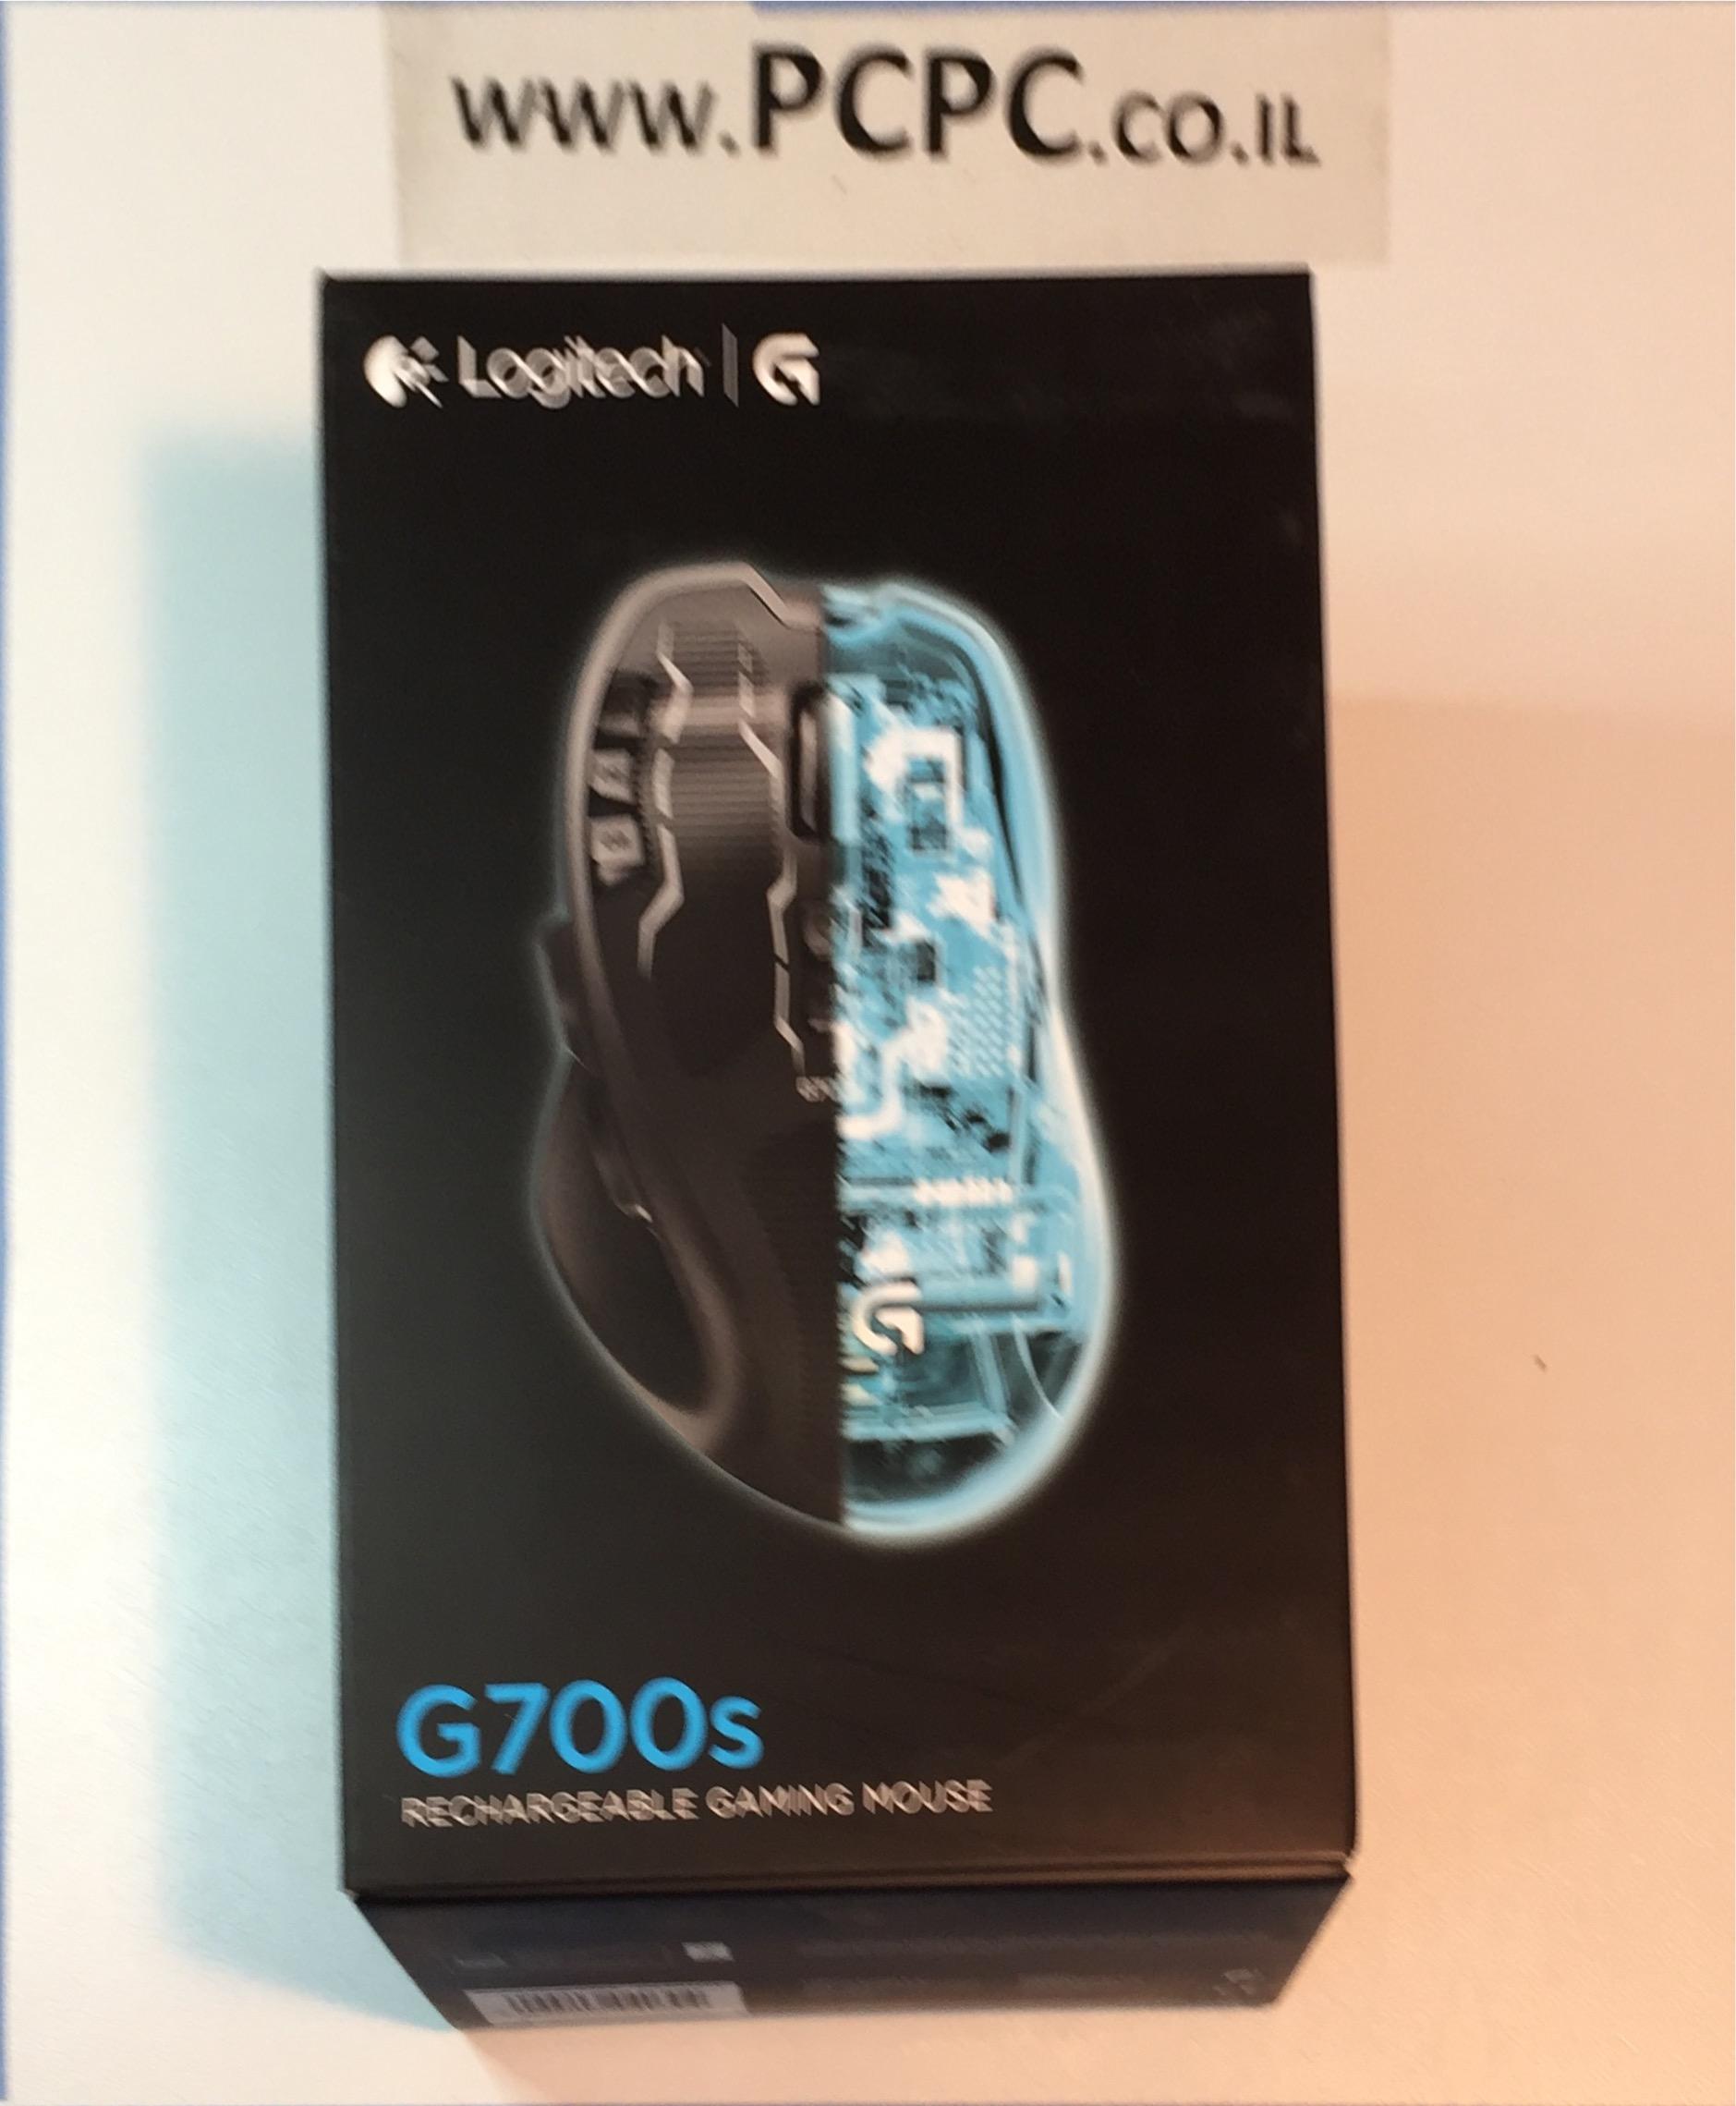 עכבר אלחוטי נטען לגיימרים LOGITECH G700S